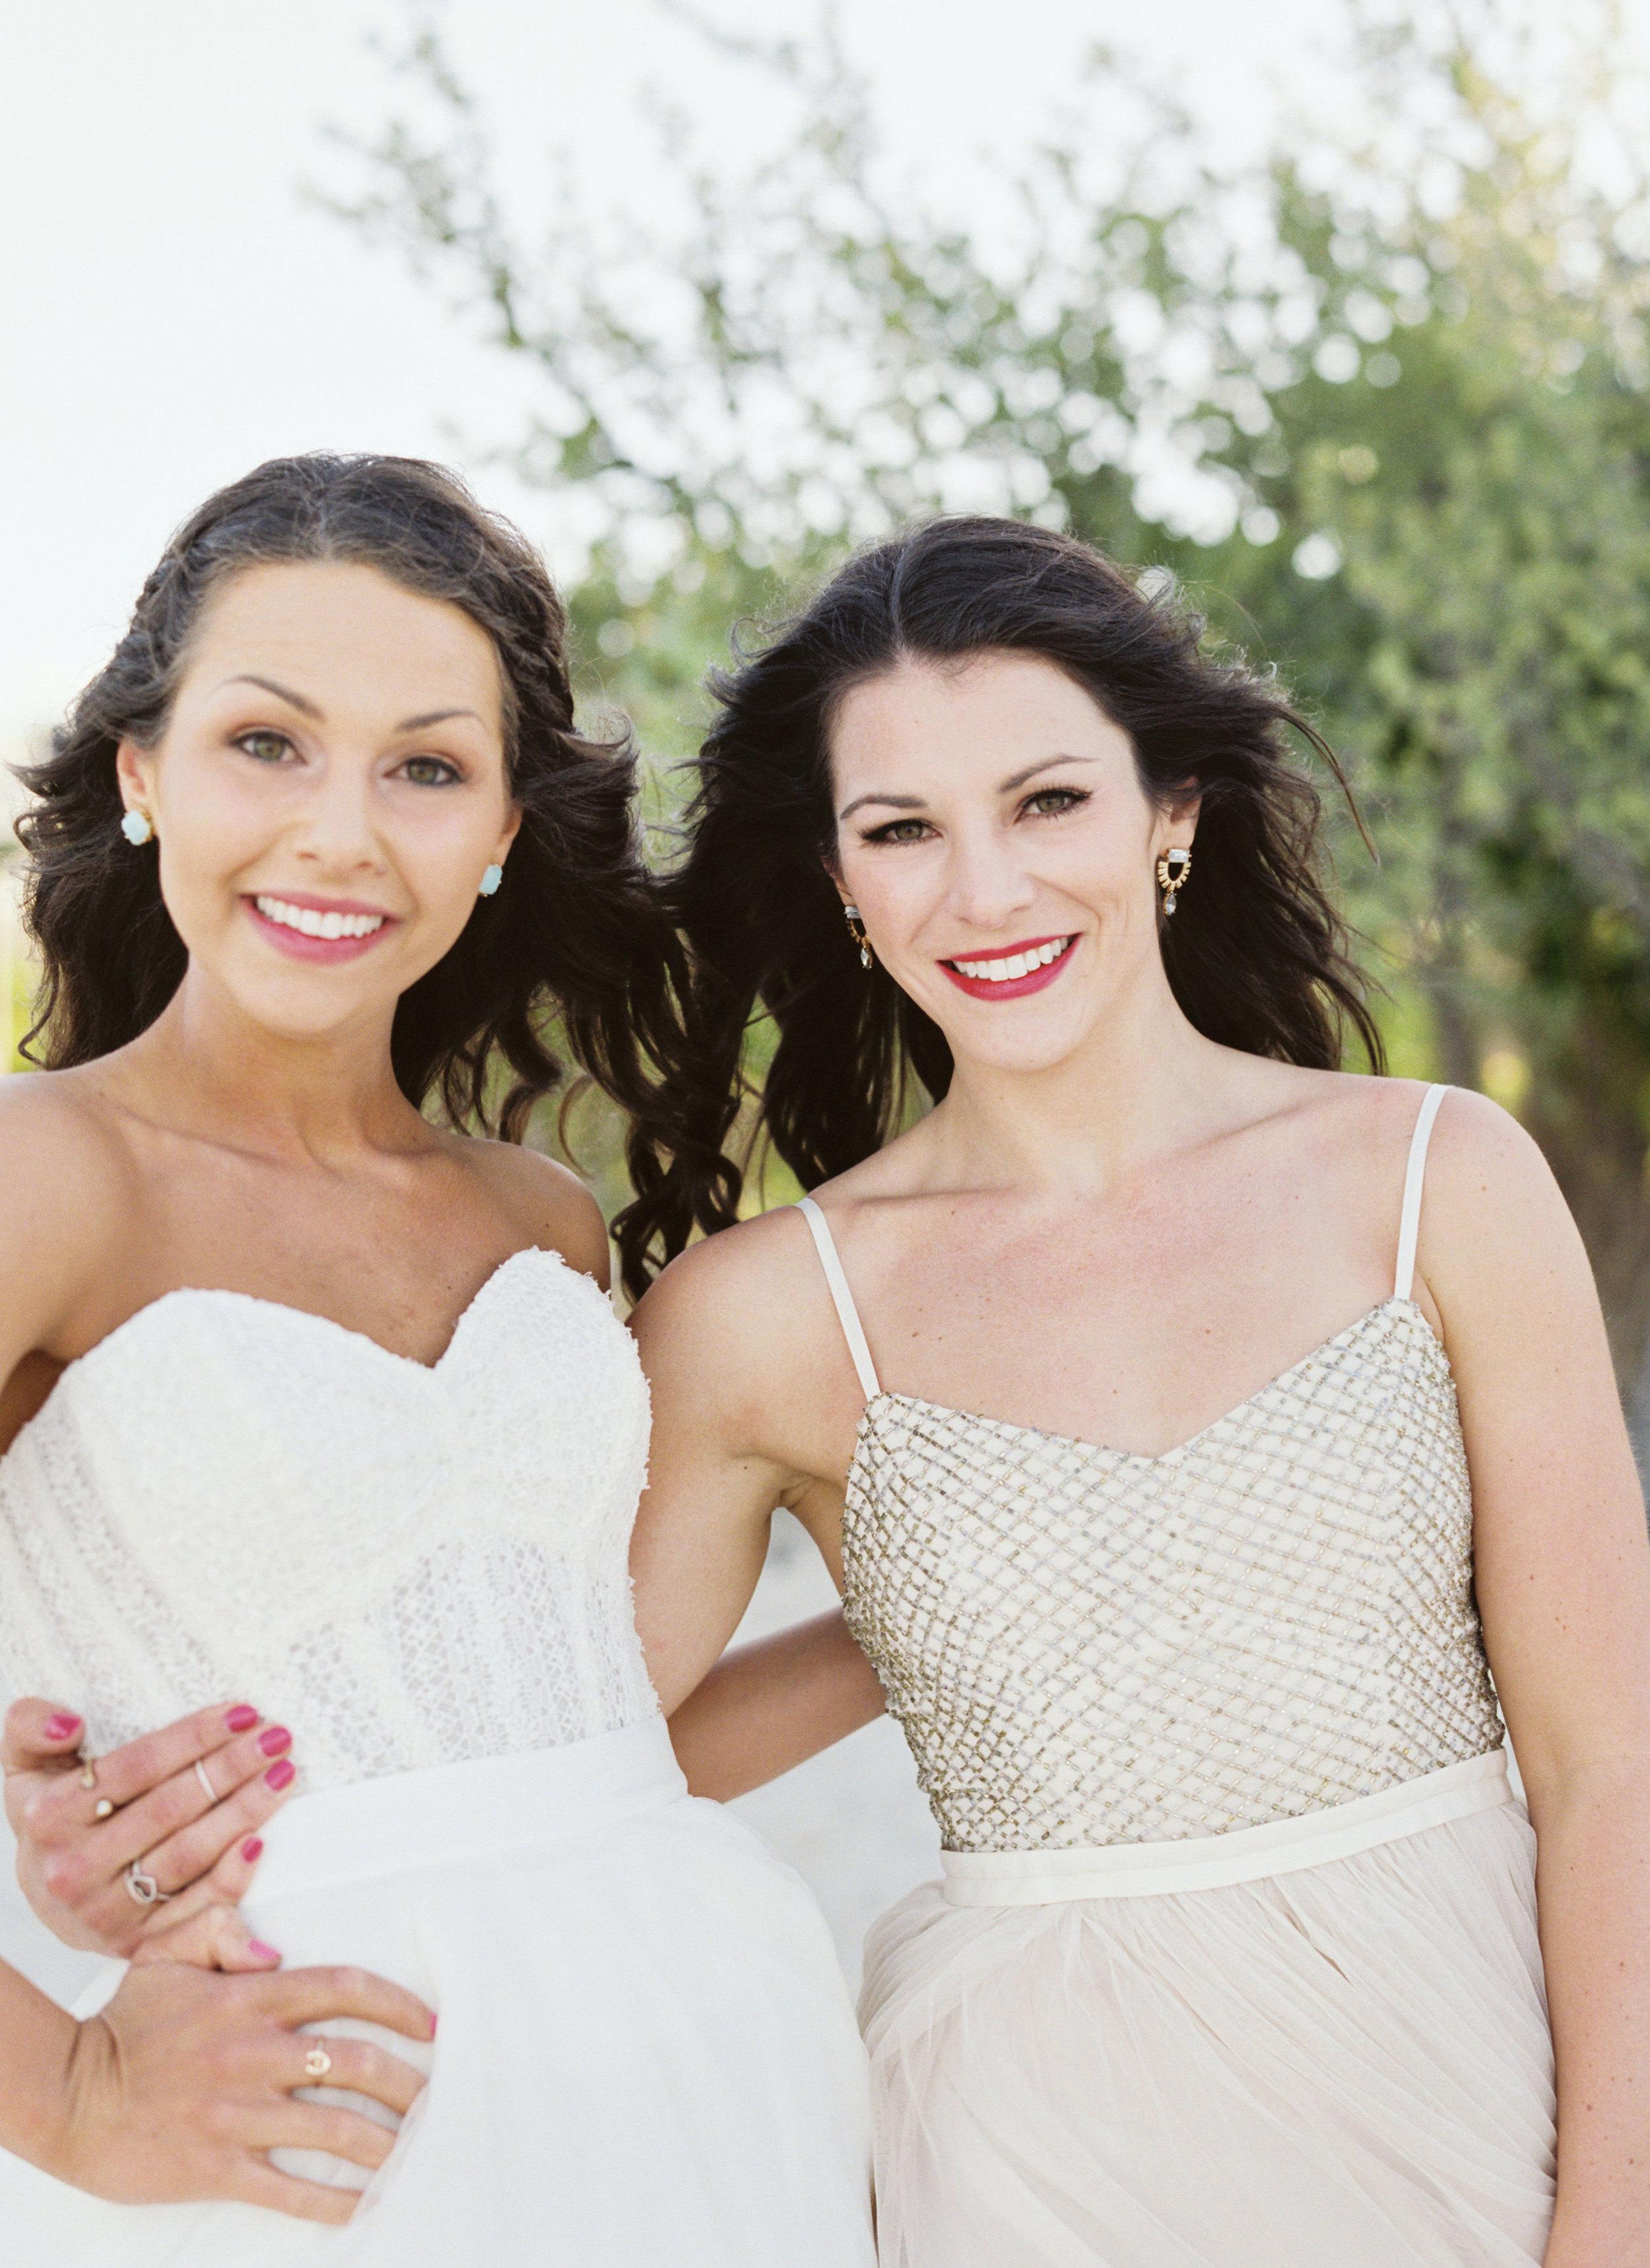 Destination wedding in Mexico, Bride and Bridesmaids, Bridal Separates, Coppelia Dress, Beach Wedding.